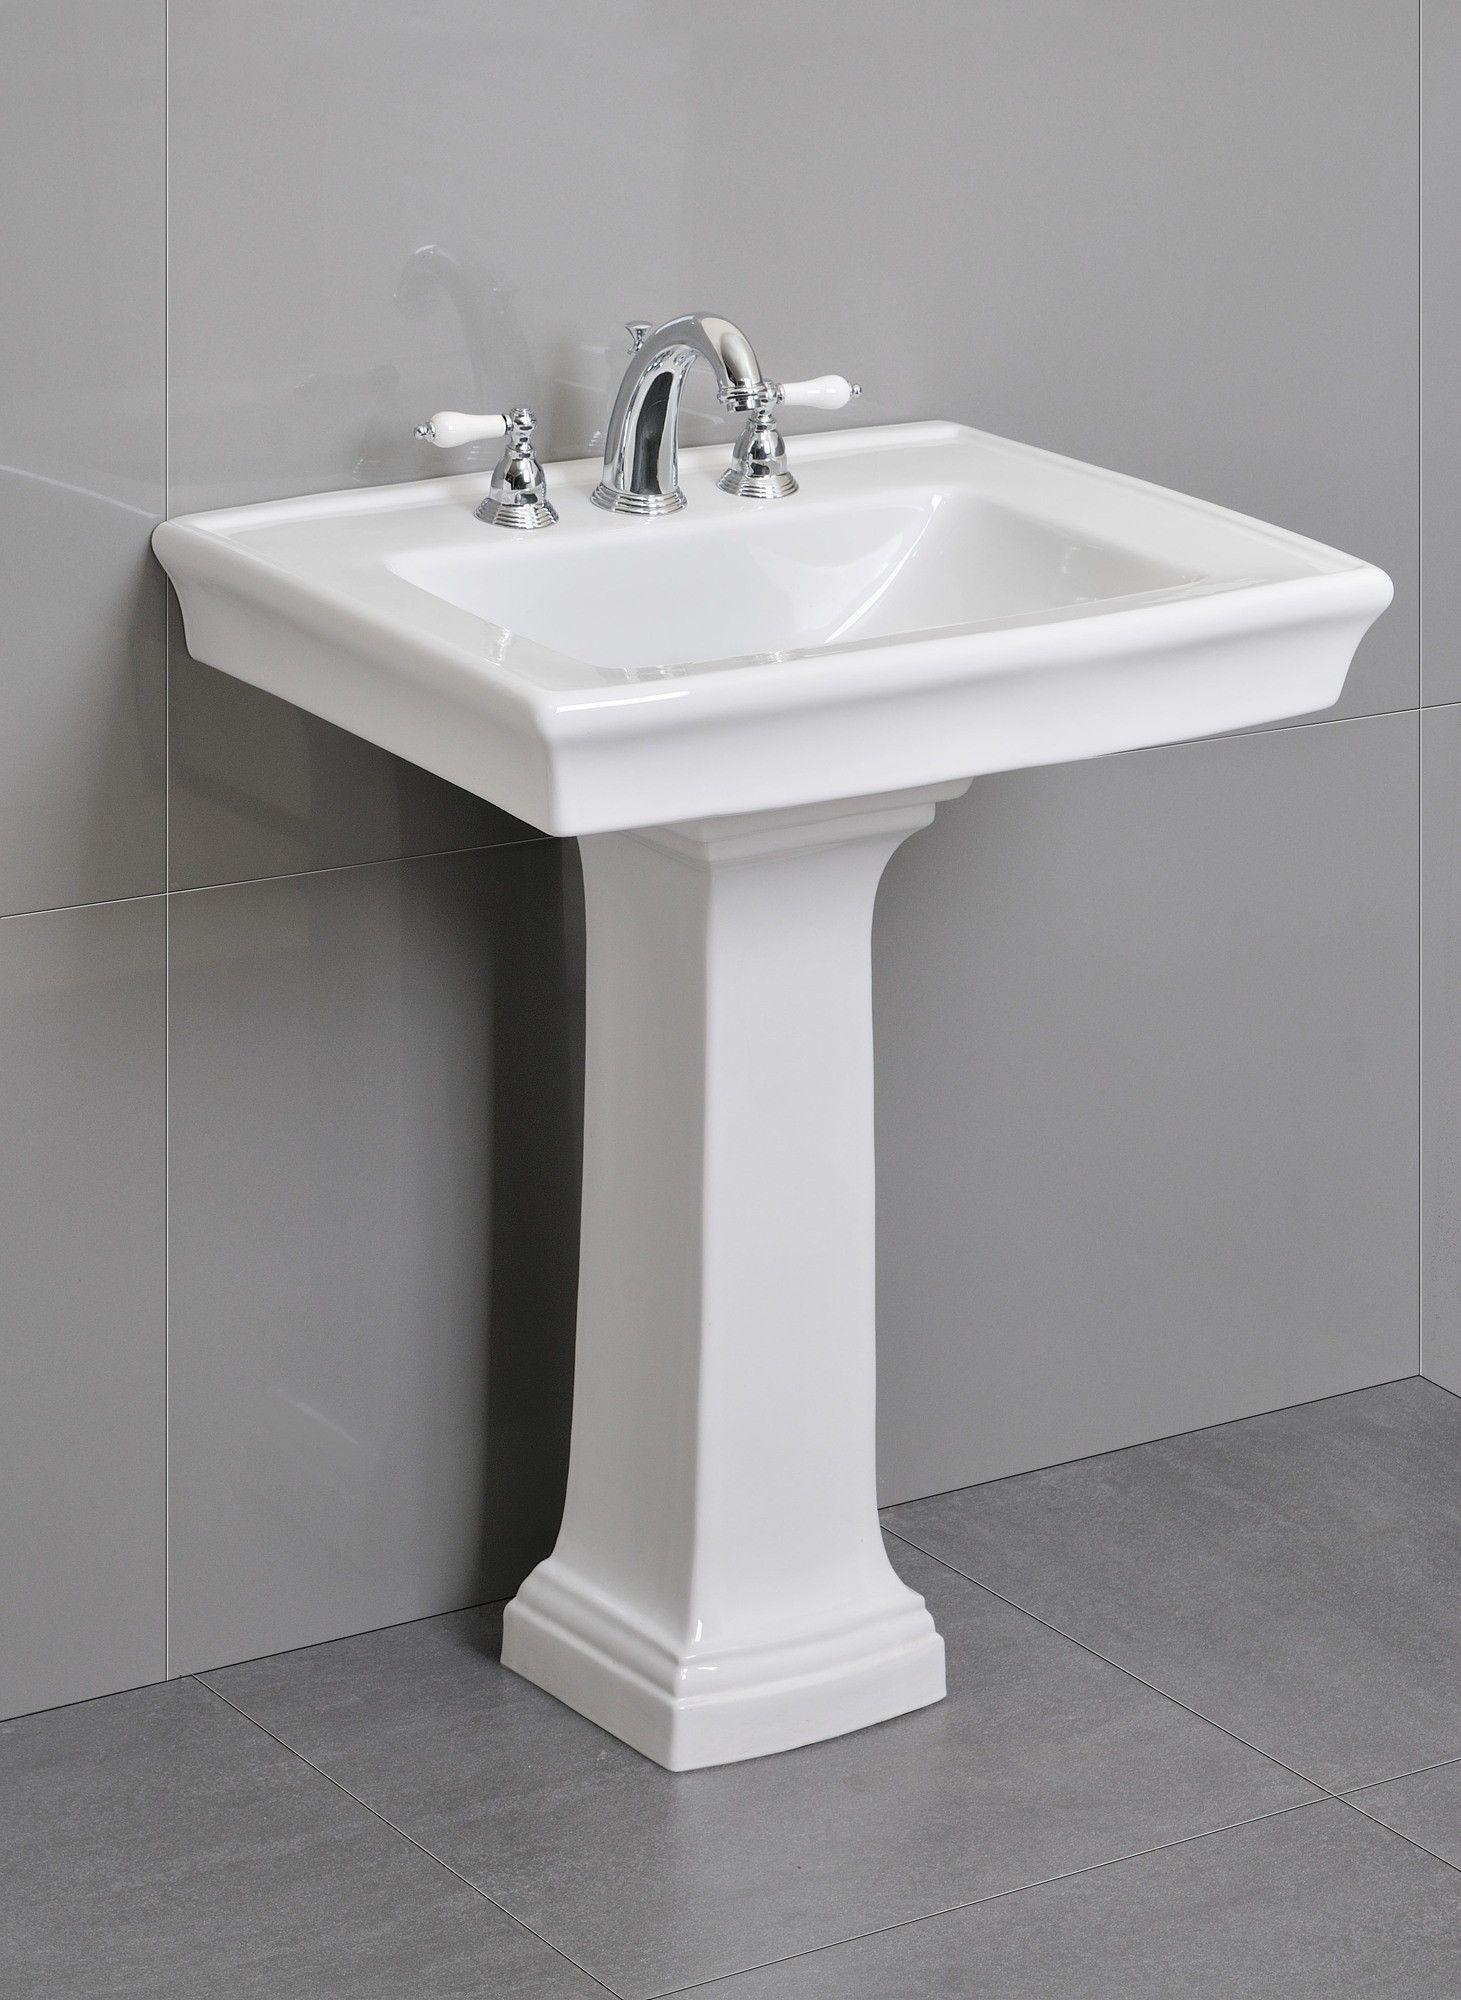 Icera Julian Pedestal Sink   LP 2320.100